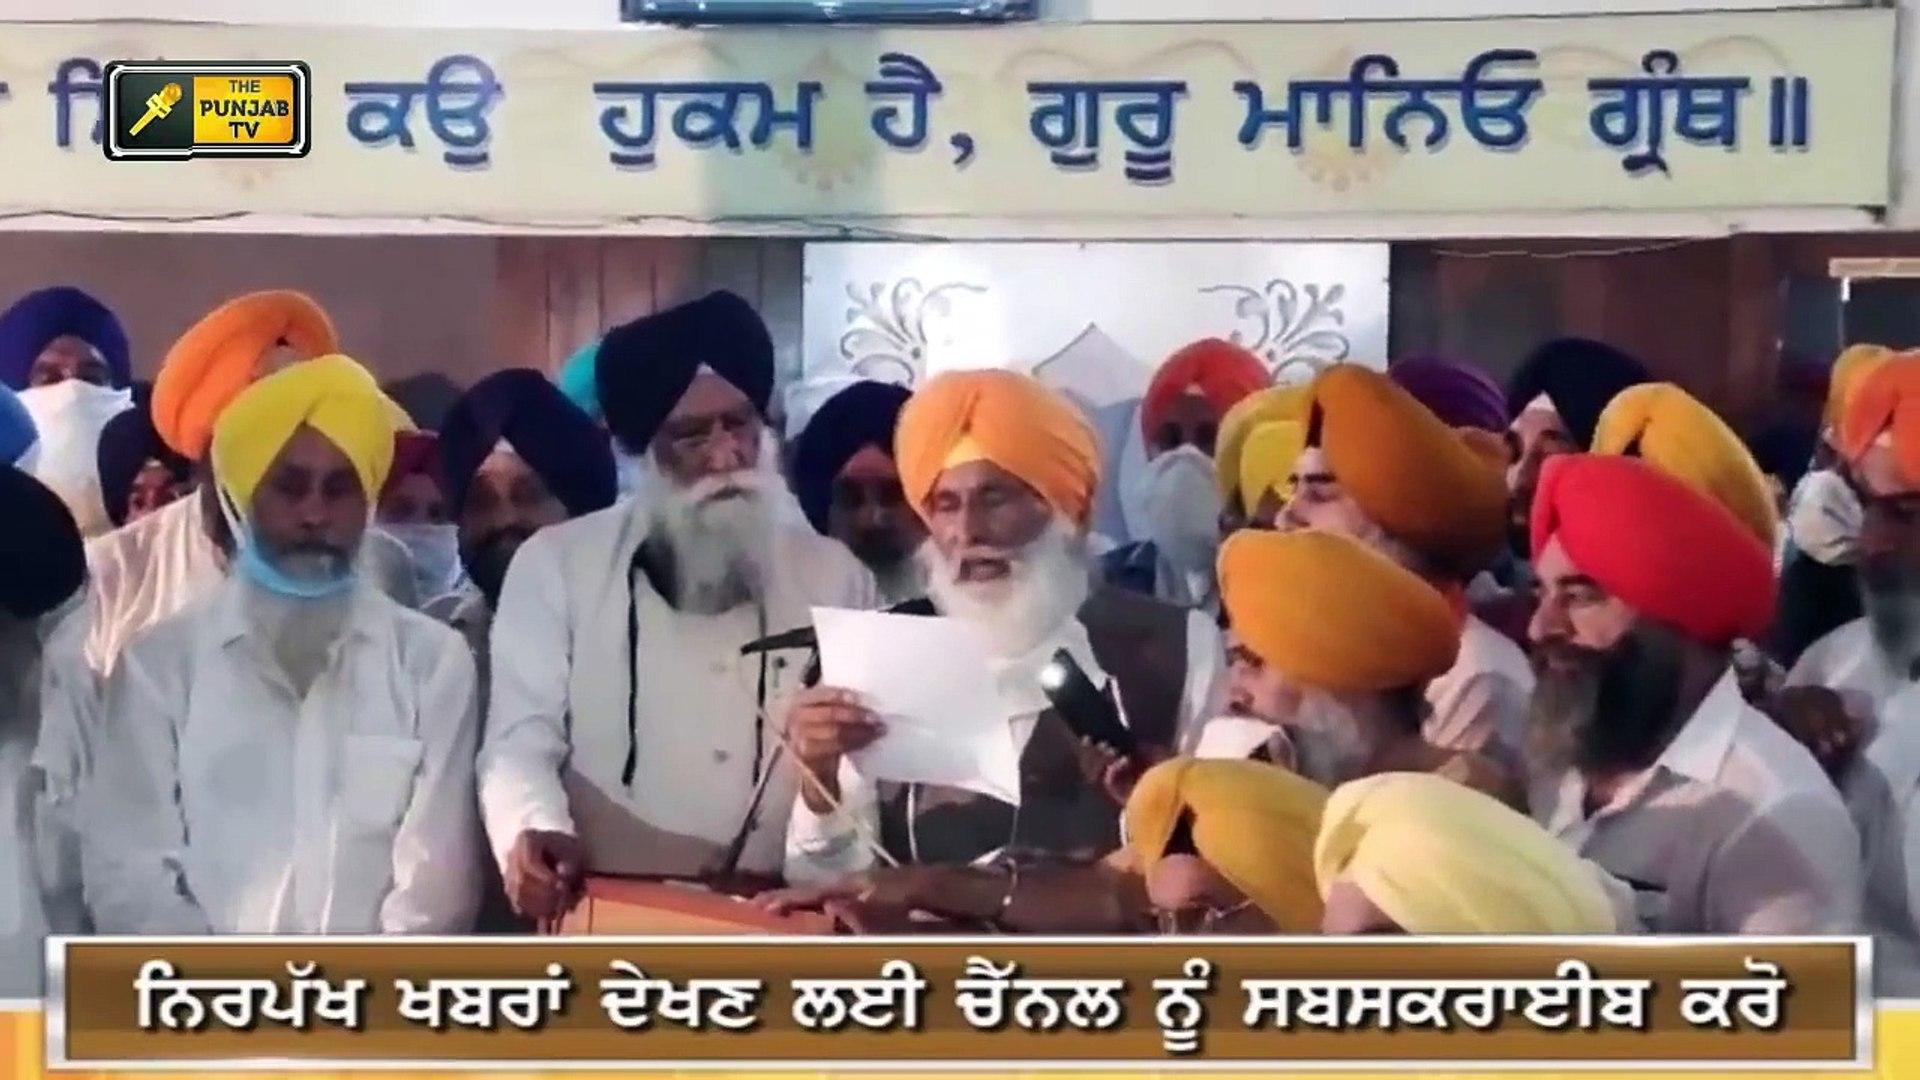 ਪੰਜਾਬੀ ਖਬਰਾਂ   Punjabi News   Punjabi Prime Time   Today Punjab   Judge Singh Chahal   07 July 2020